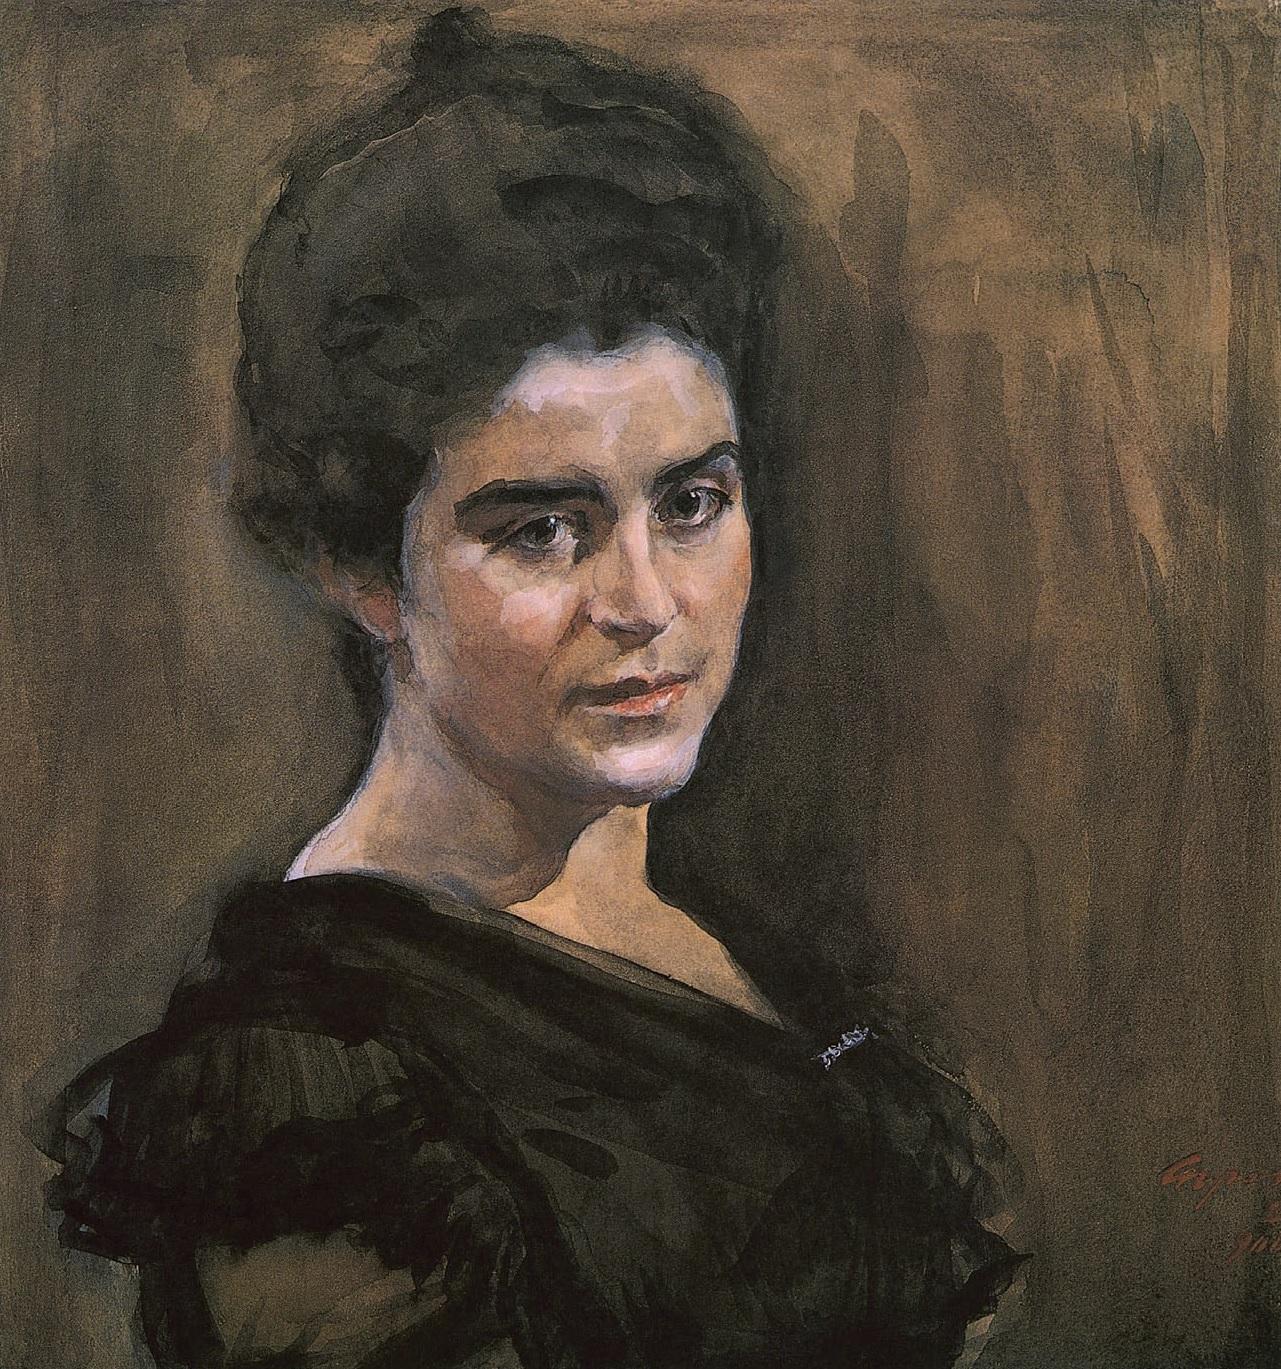 ... , описание картины - Портреты фото: www.wm-painting.ru/MasterPieces/p19_sectionid/37/p19_imageid/3796